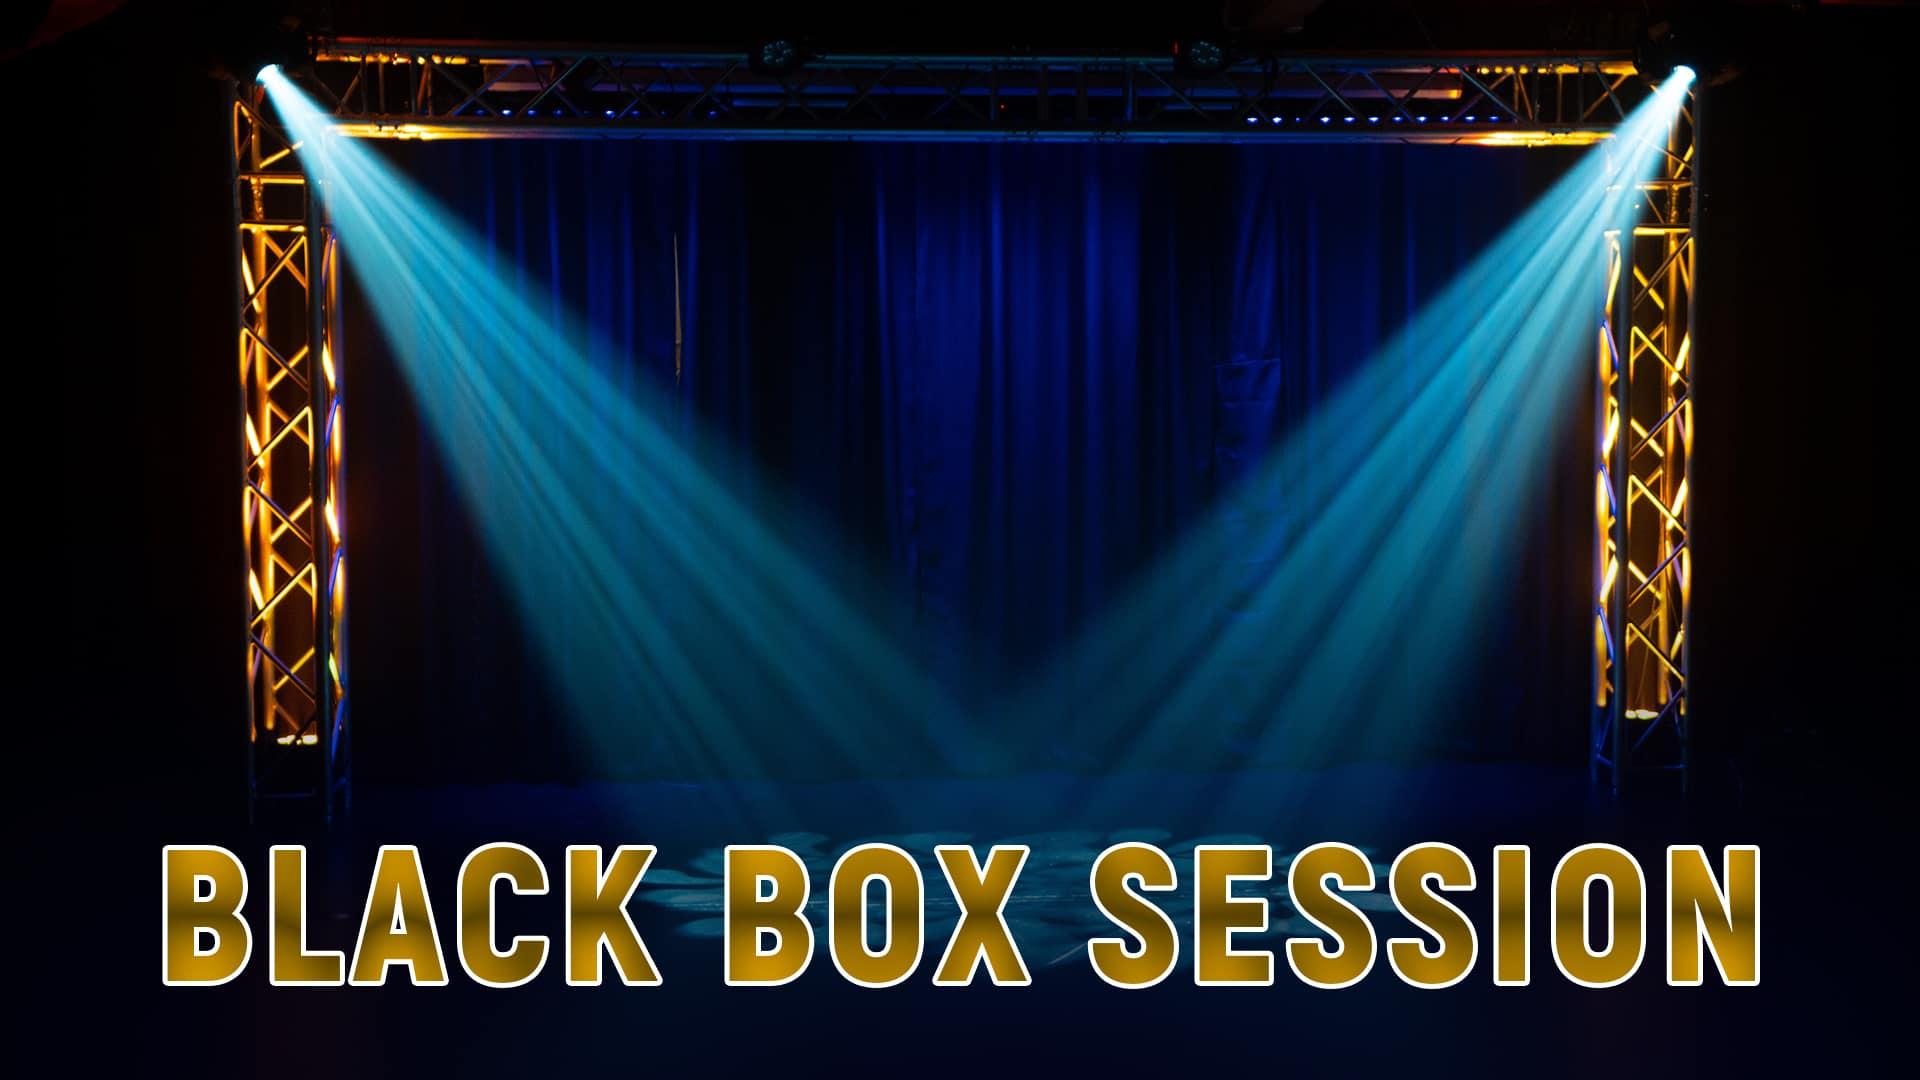 BLACK BOX SESSION